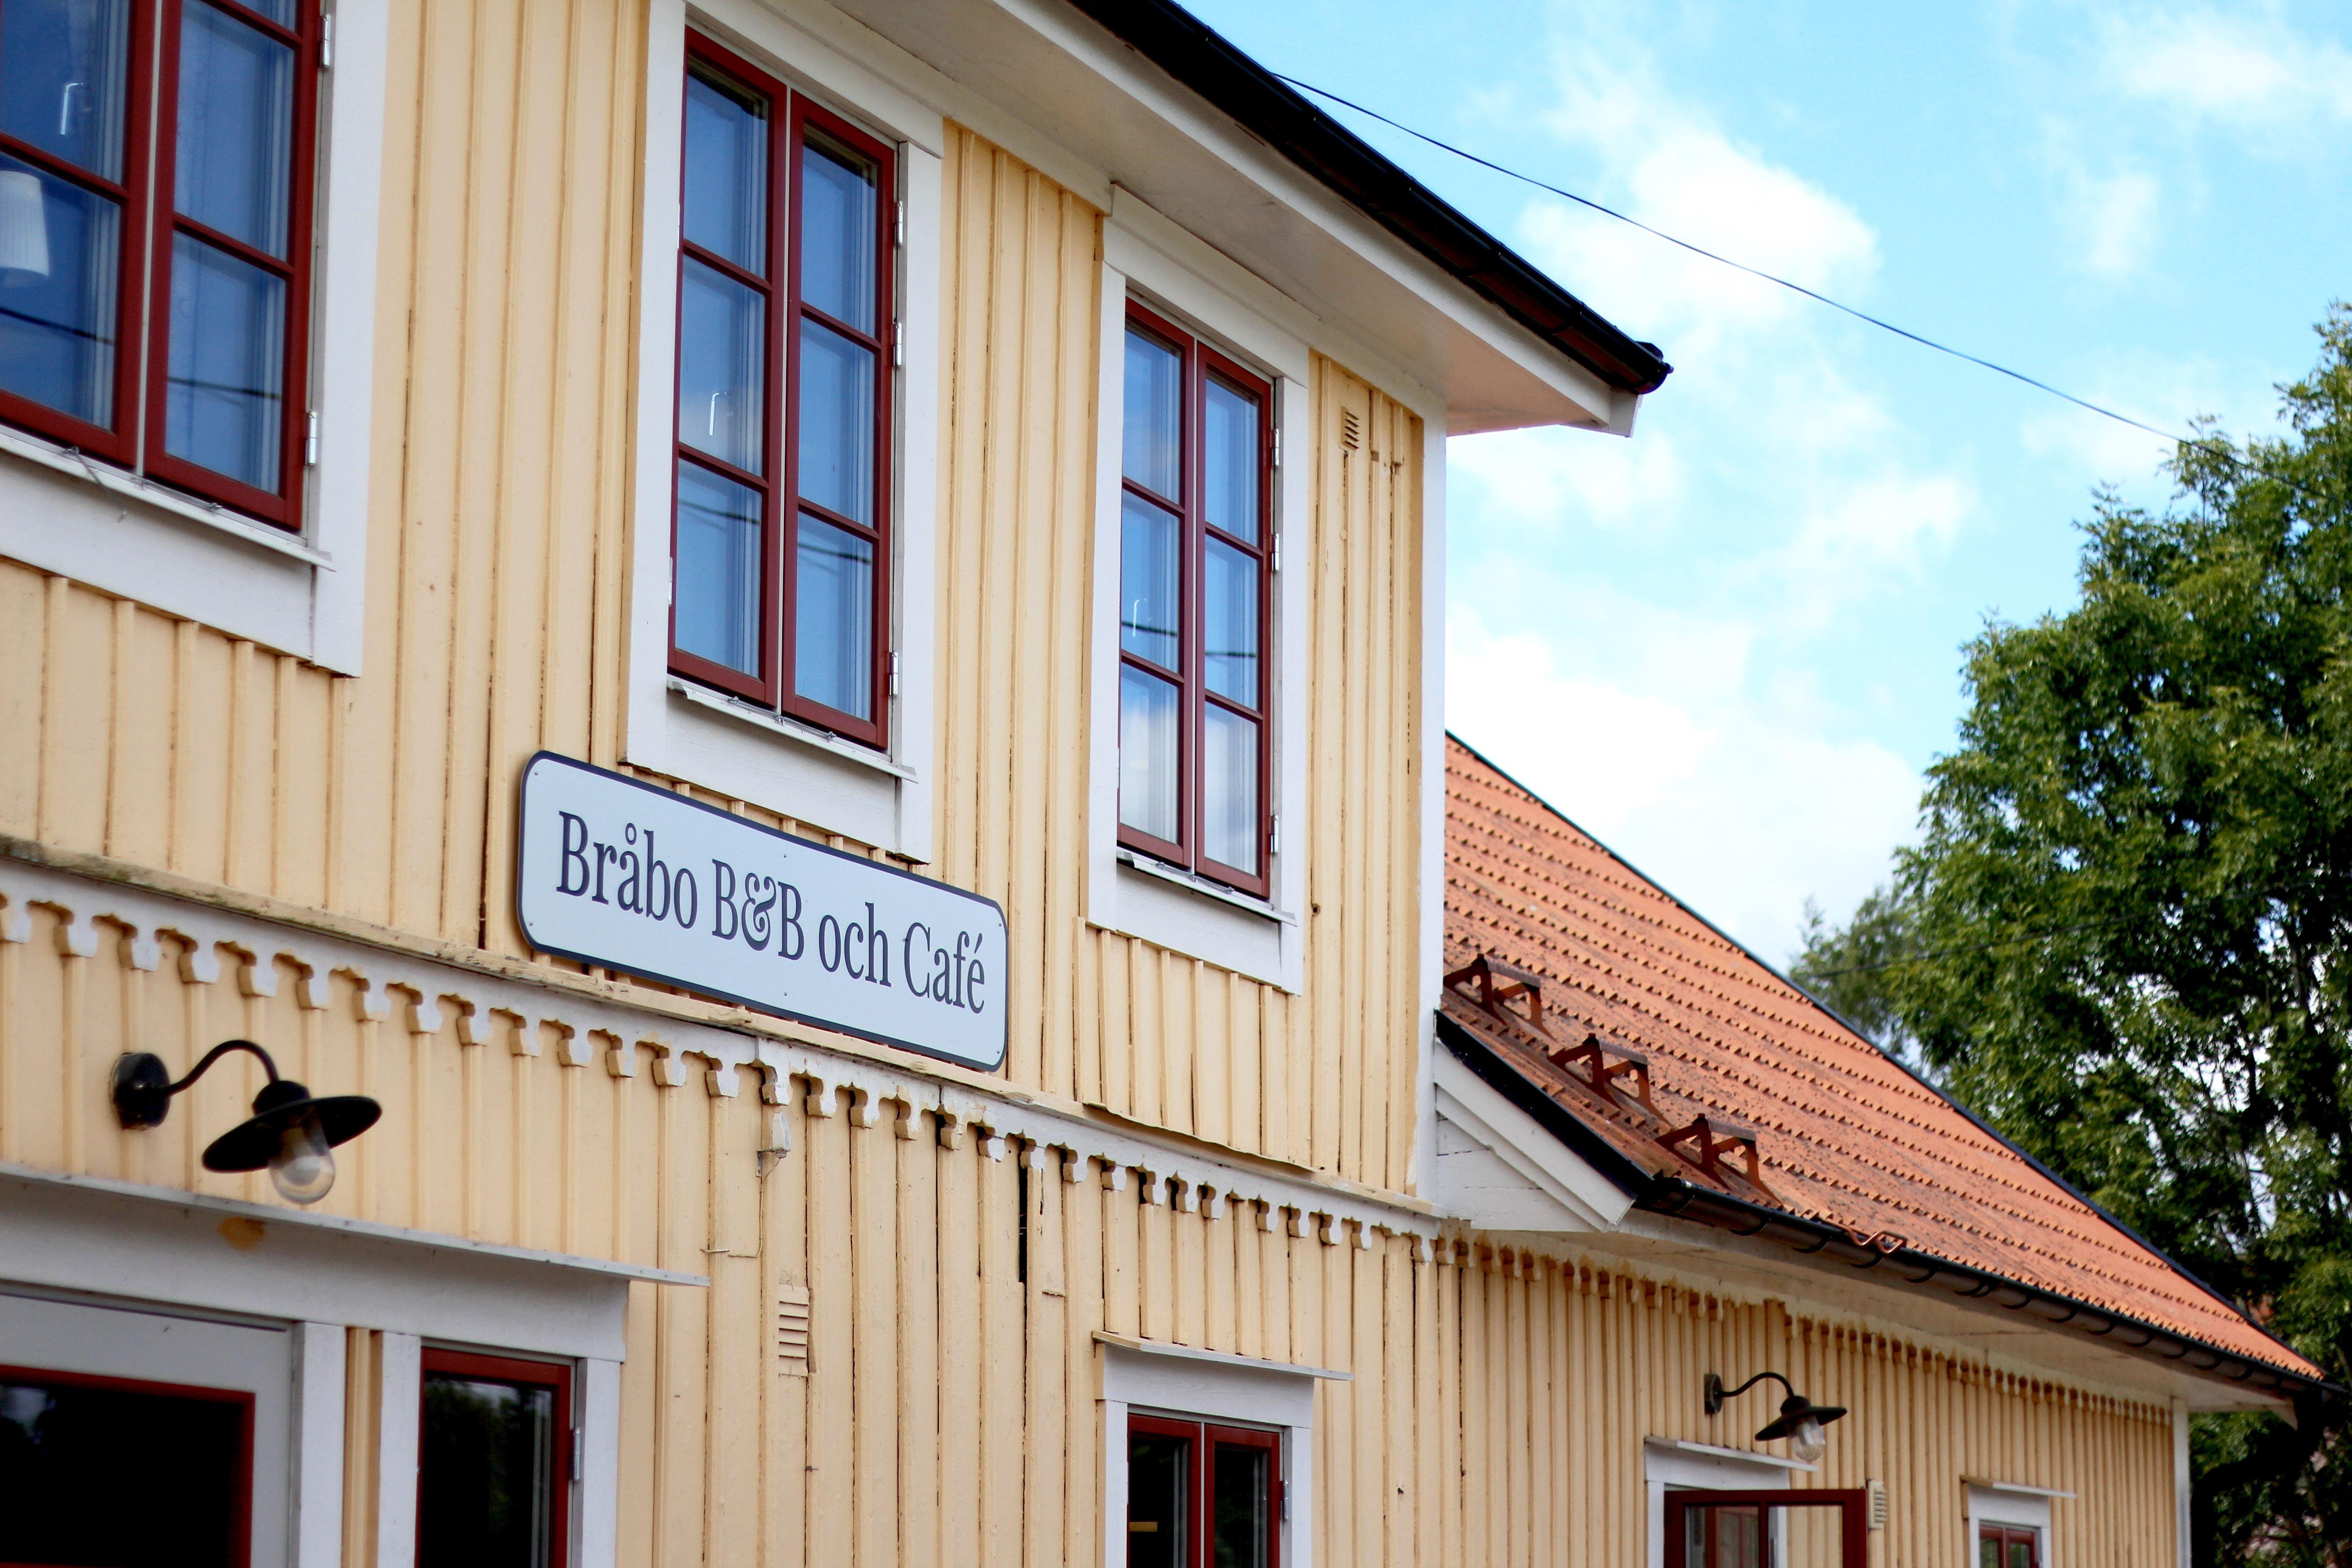 Bråbo B&B och Café